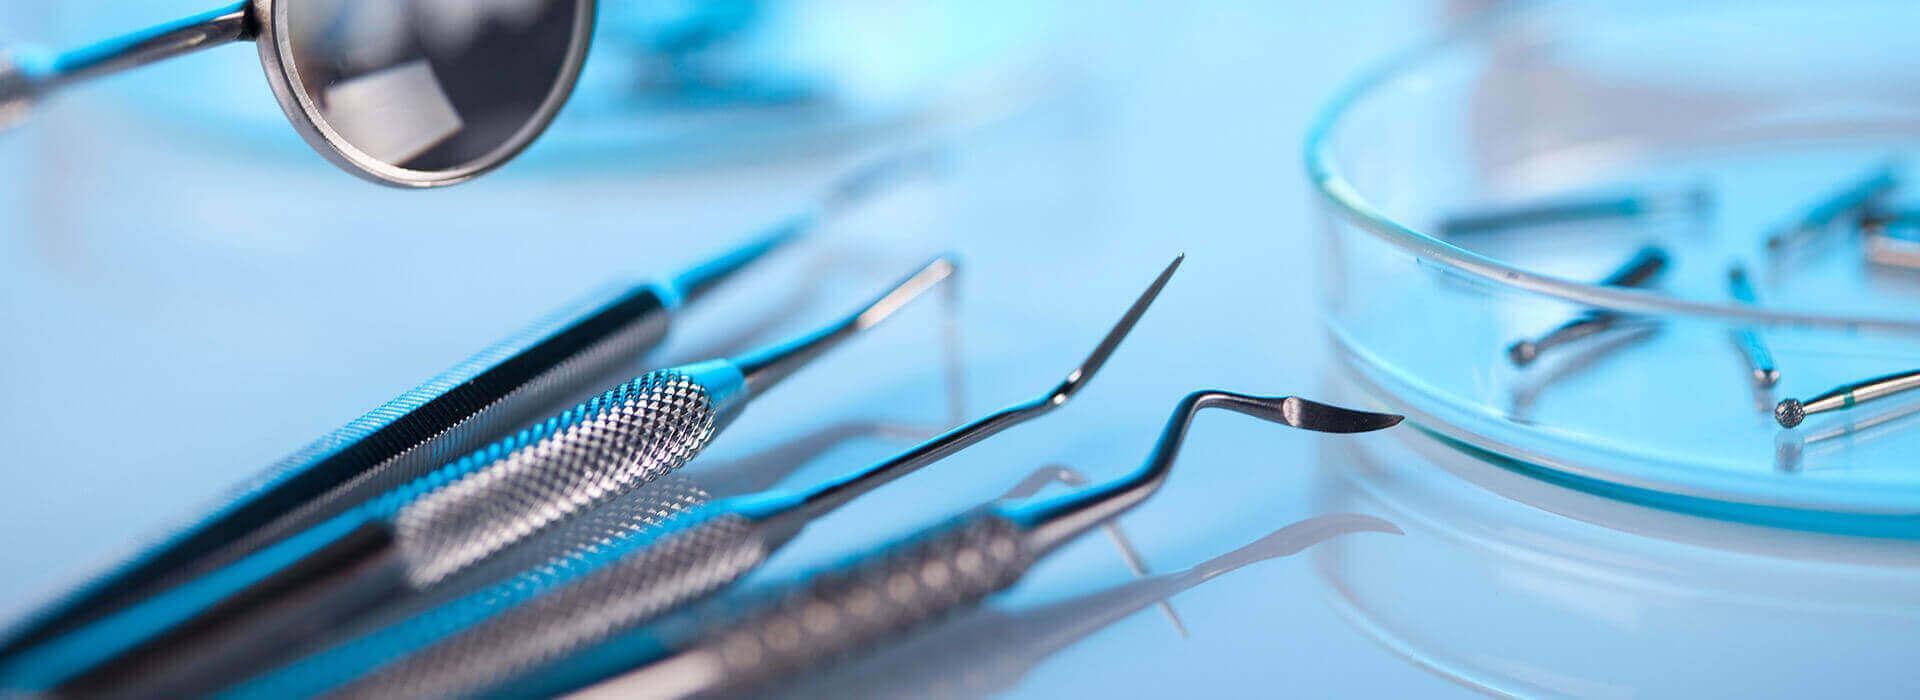 כלי של רופא שיניים בראשון לציון